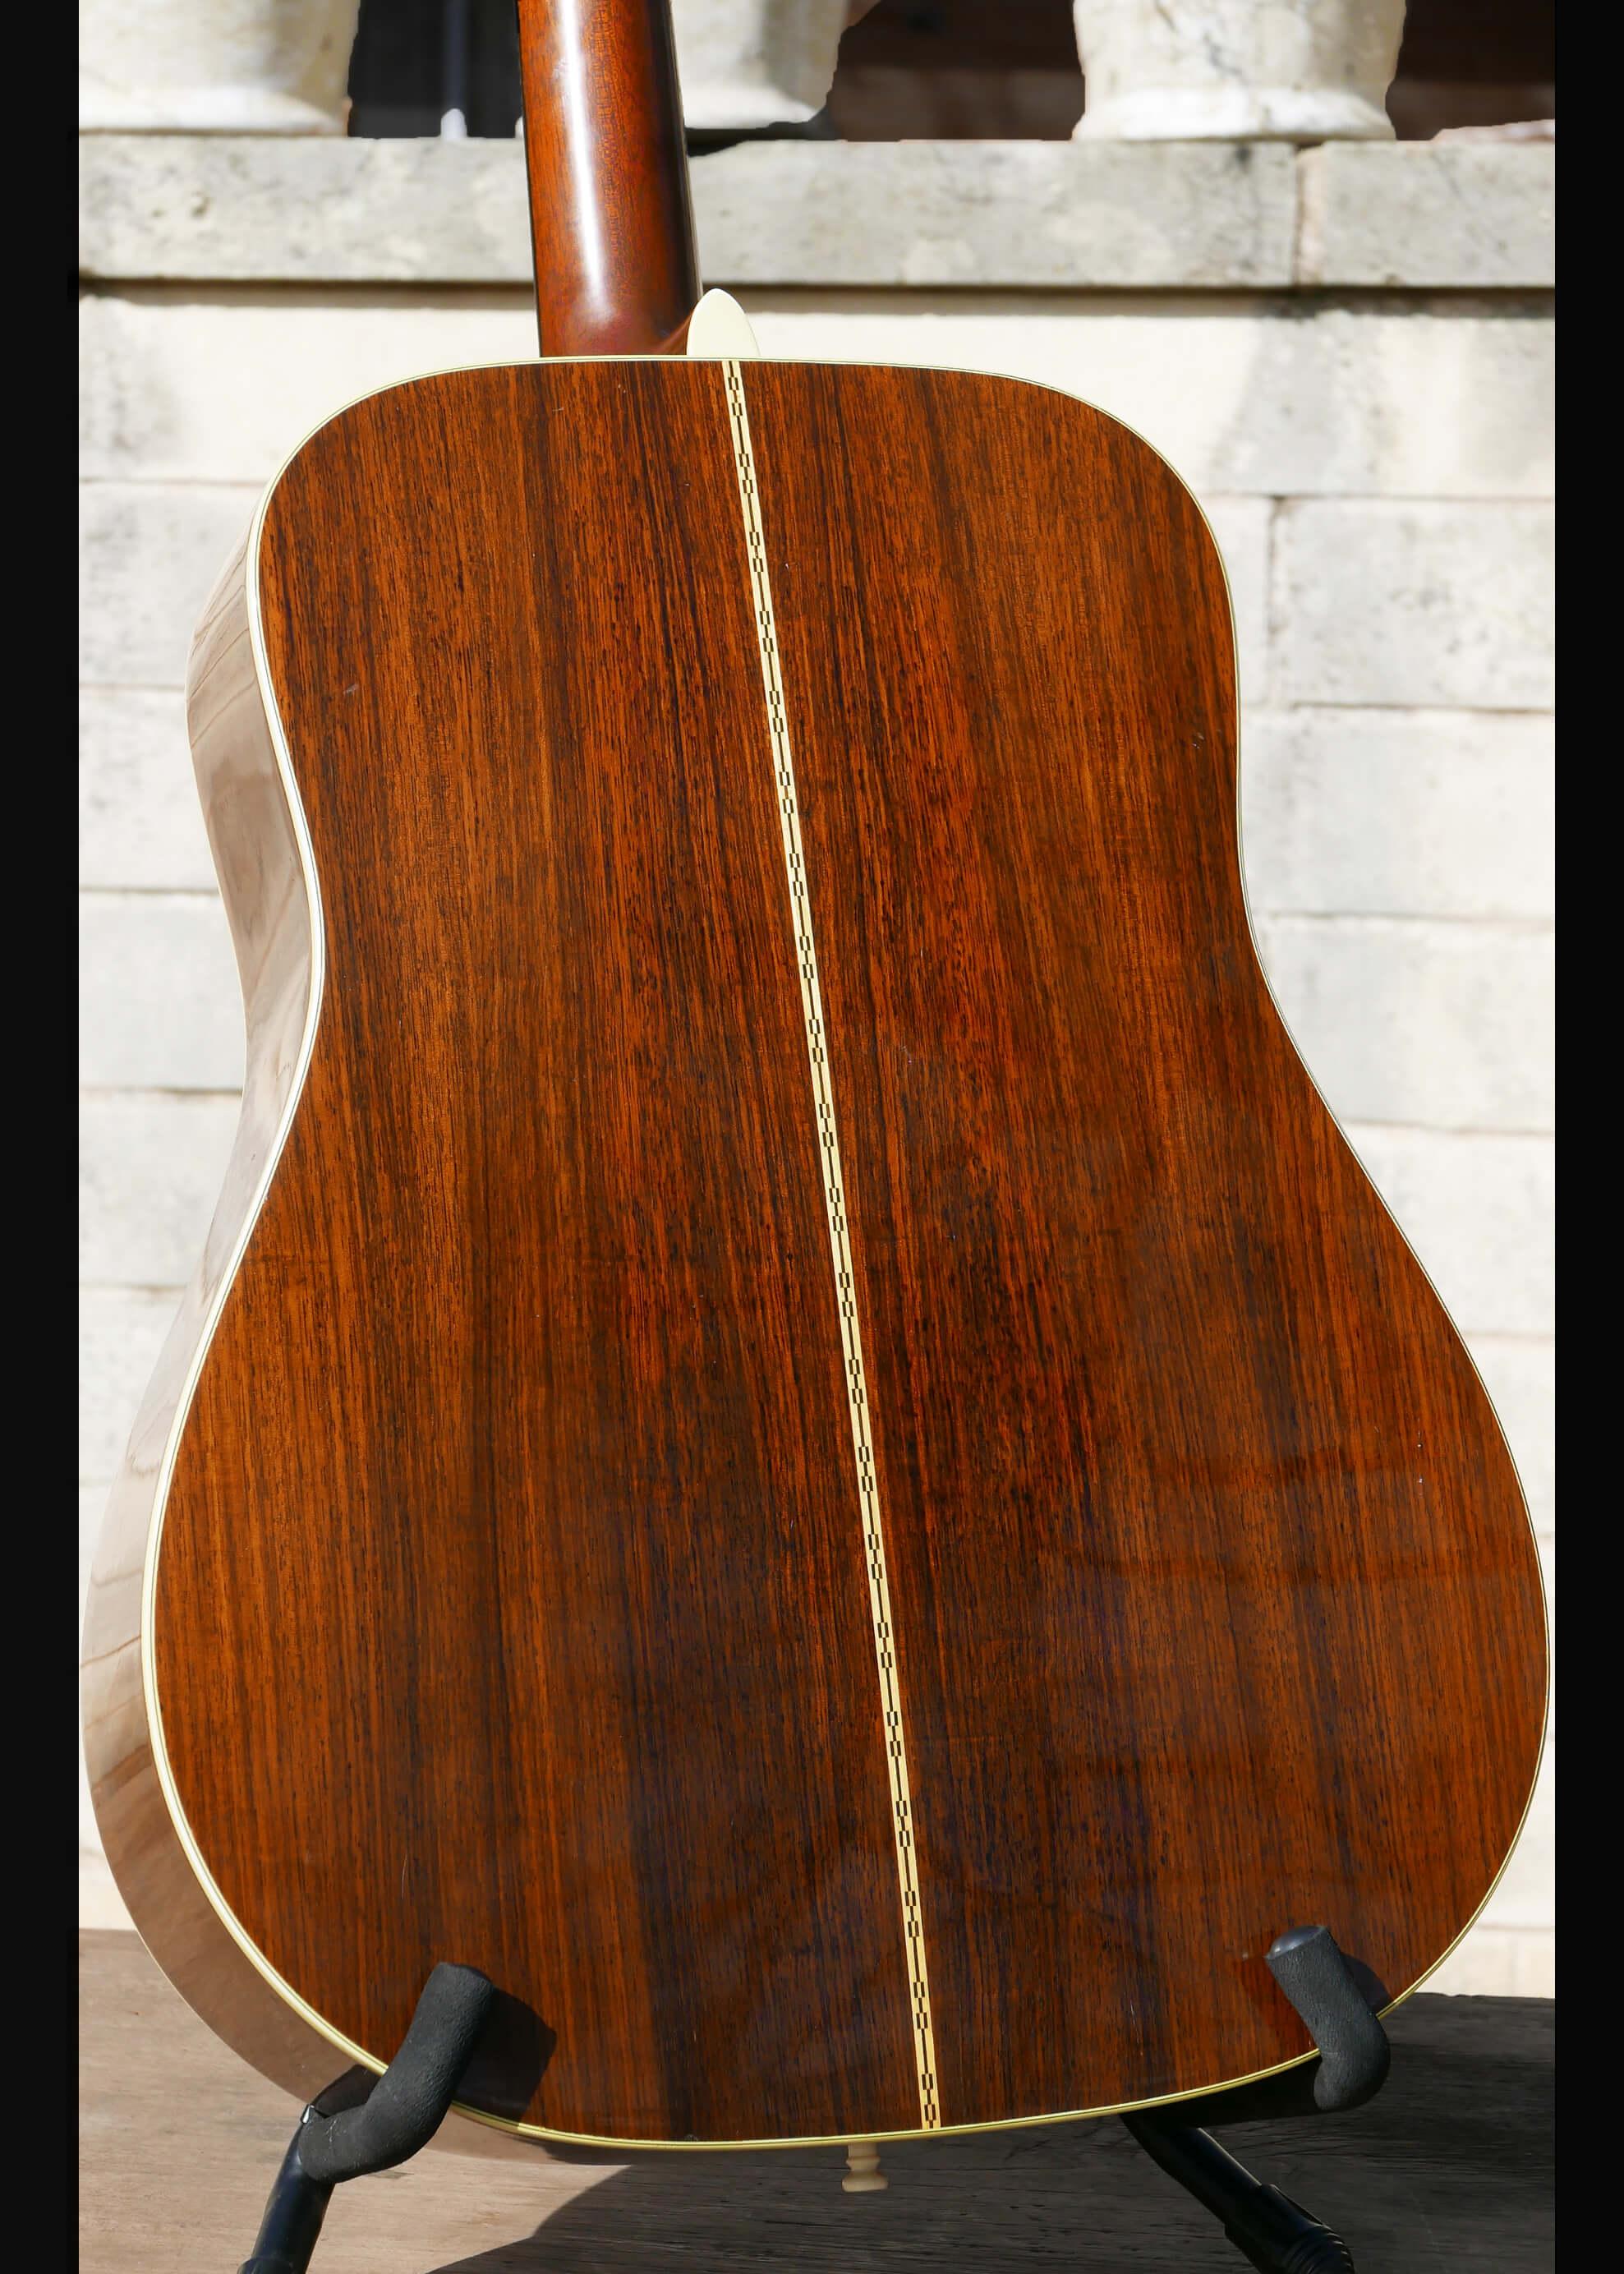 1976 martin d 28 guitar vintage american guitar. Black Bedroom Furniture Sets. Home Design Ideas